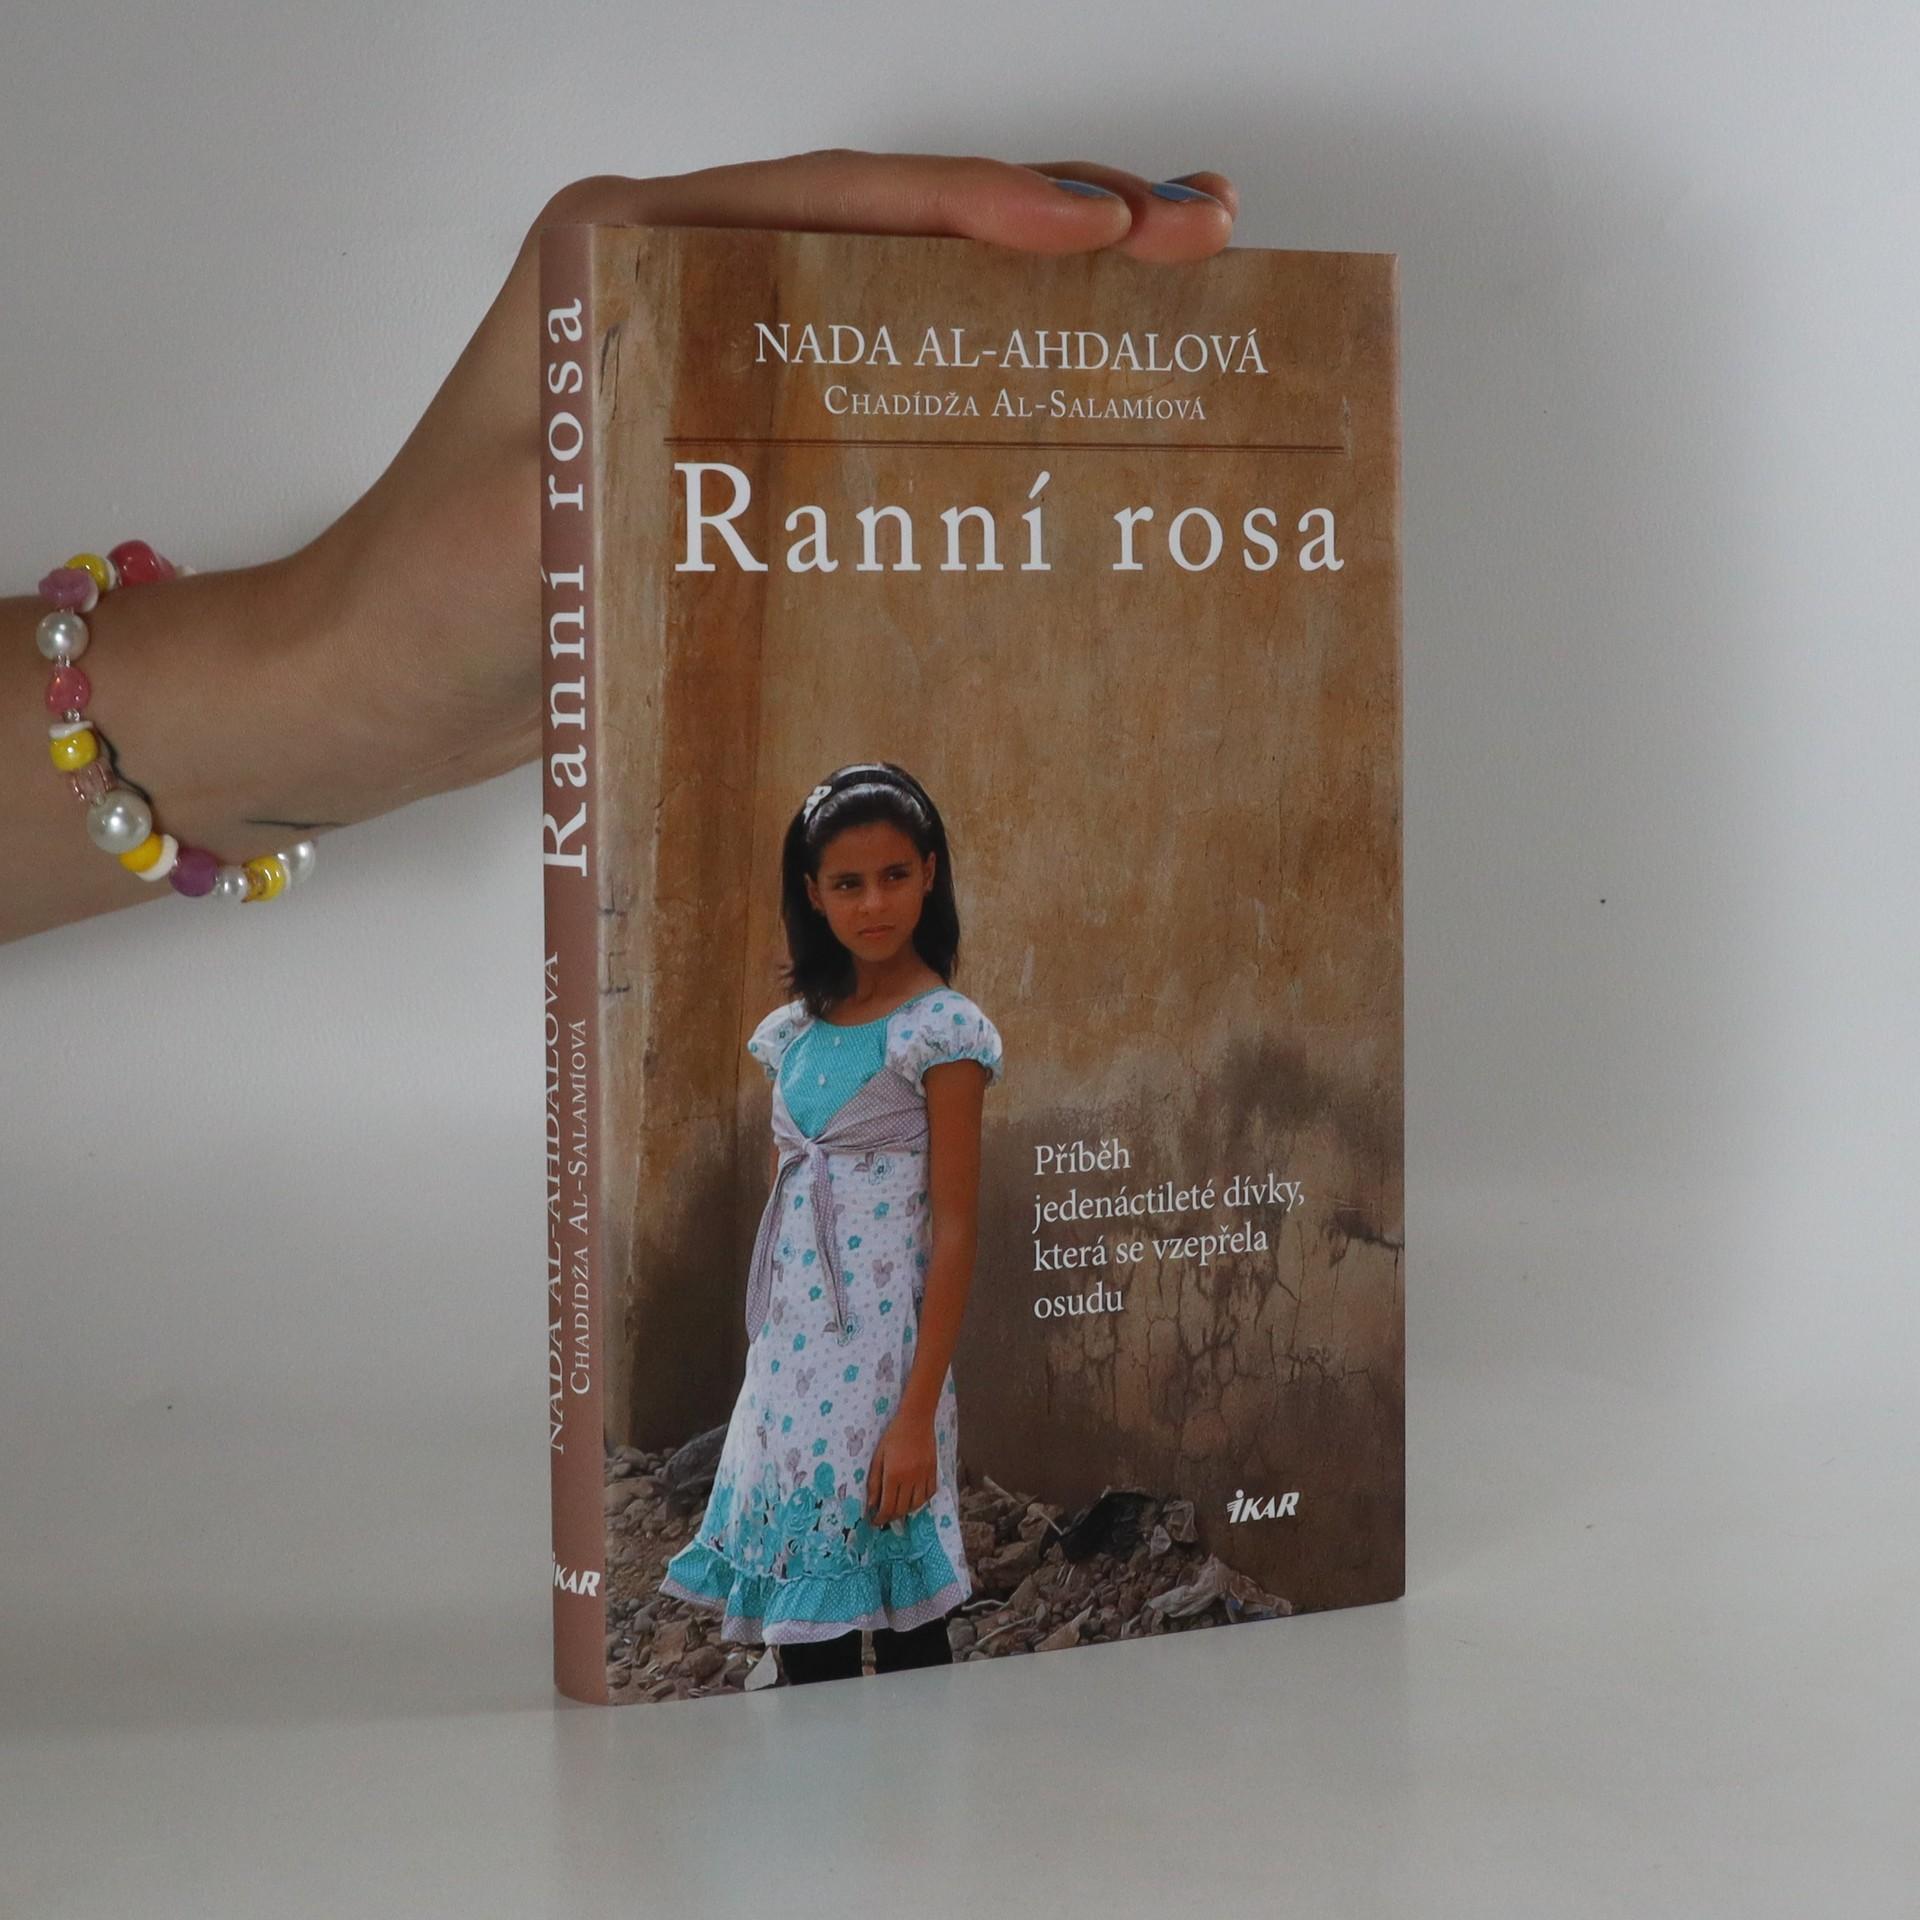 antikvární kniha Ranní rosa. Příběh jedenáctileté dívky, která se vzepřela osudu, 2017